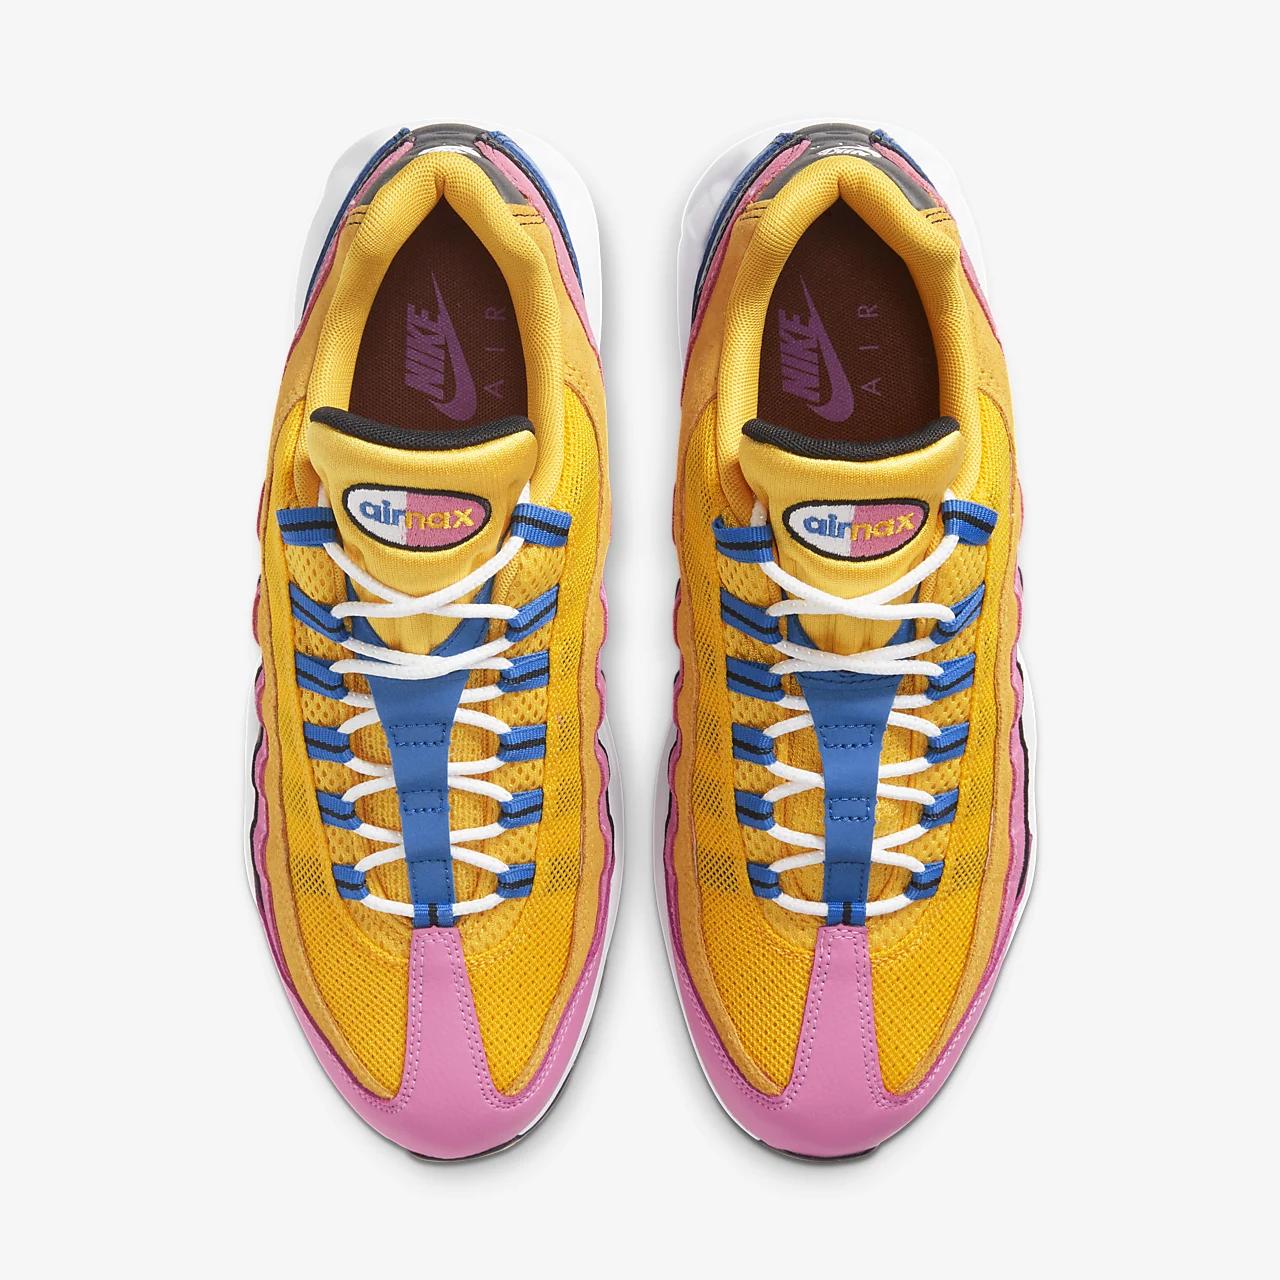 나이키 에어 맥스 95 남자 신발 CZ9170-700